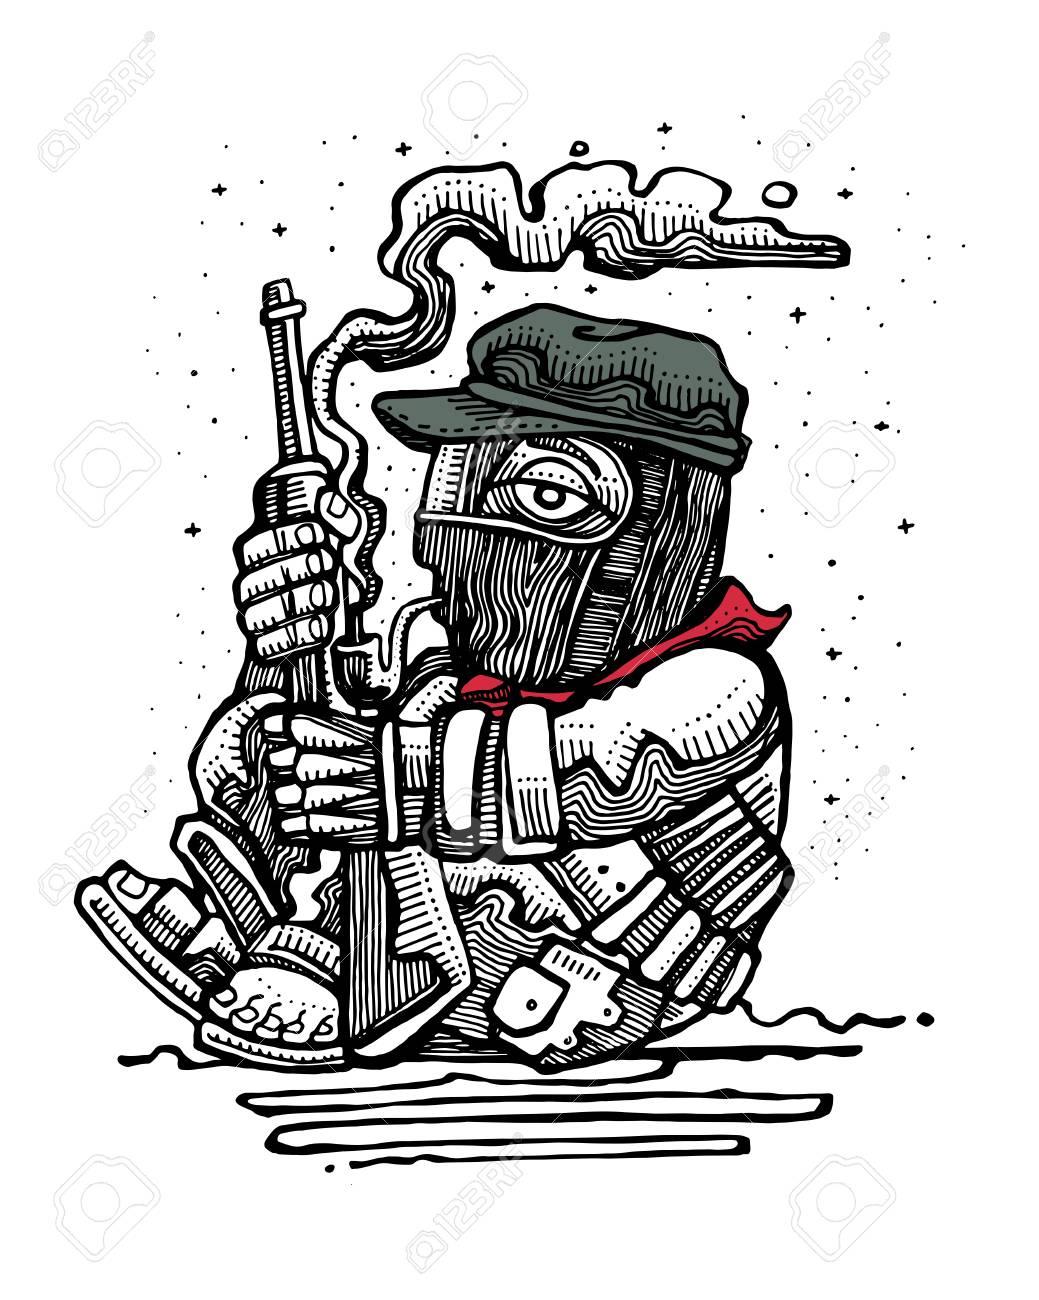 Illustration Vectorielle Dessinés À La Main Ou Dessin D'un Soldat Rebelle  Zapatiste Mexicain Avec Fusil intérieur Dessin De Rebelle